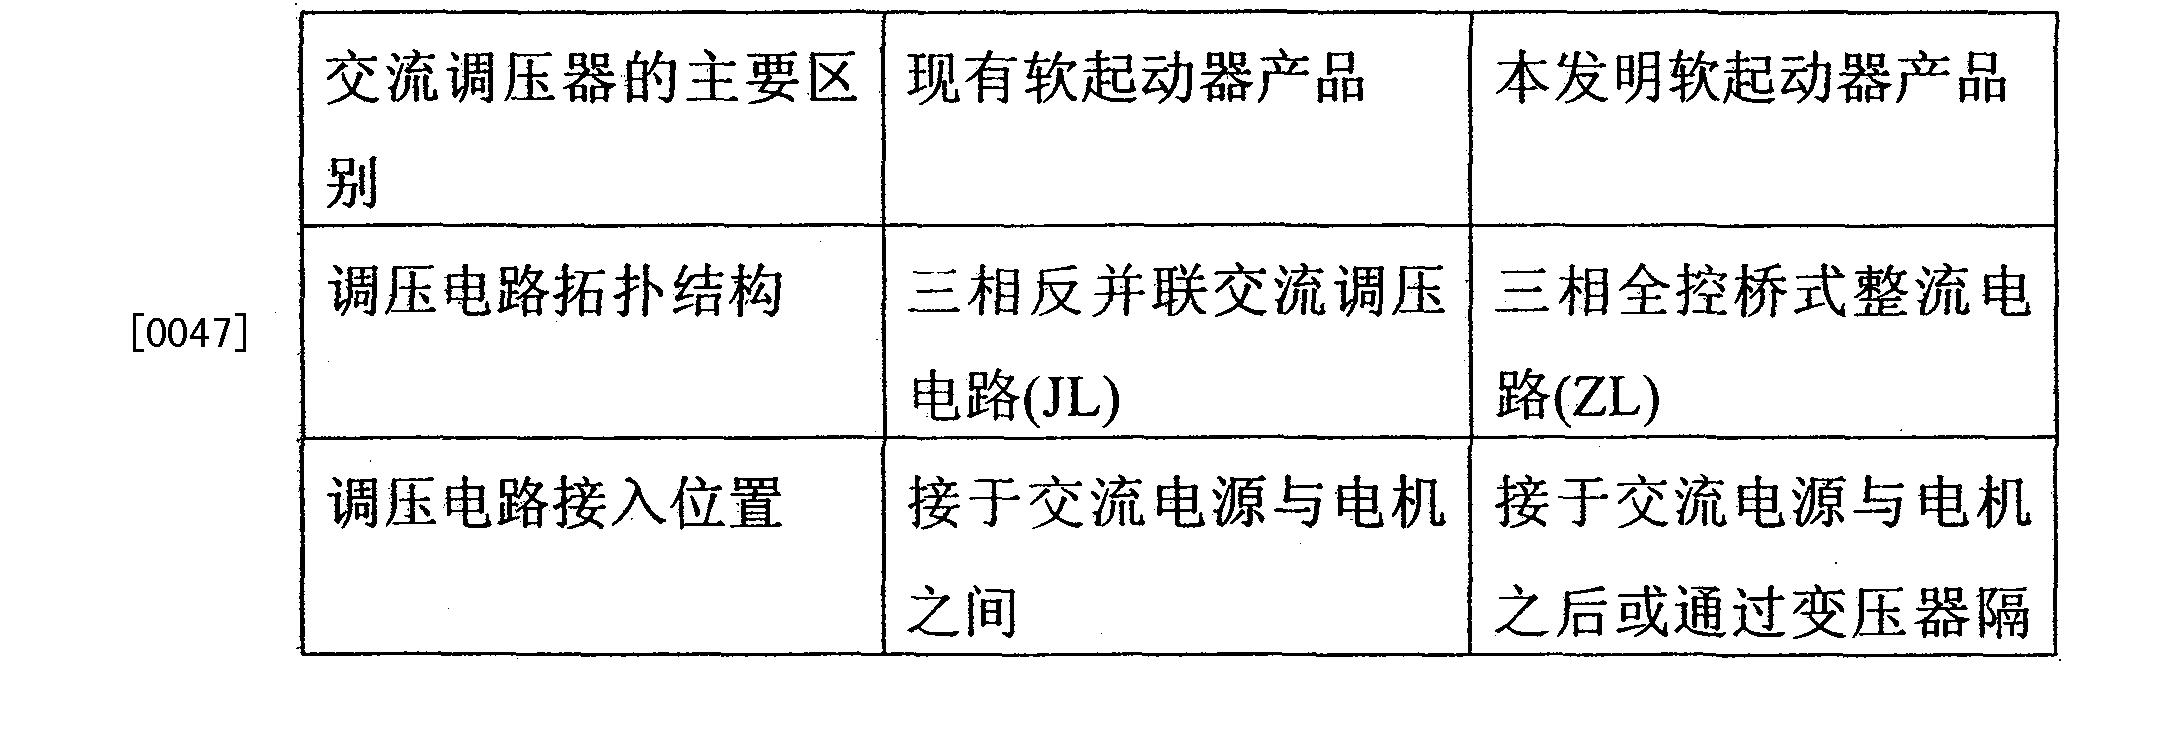 Figure CN101404472BD00102